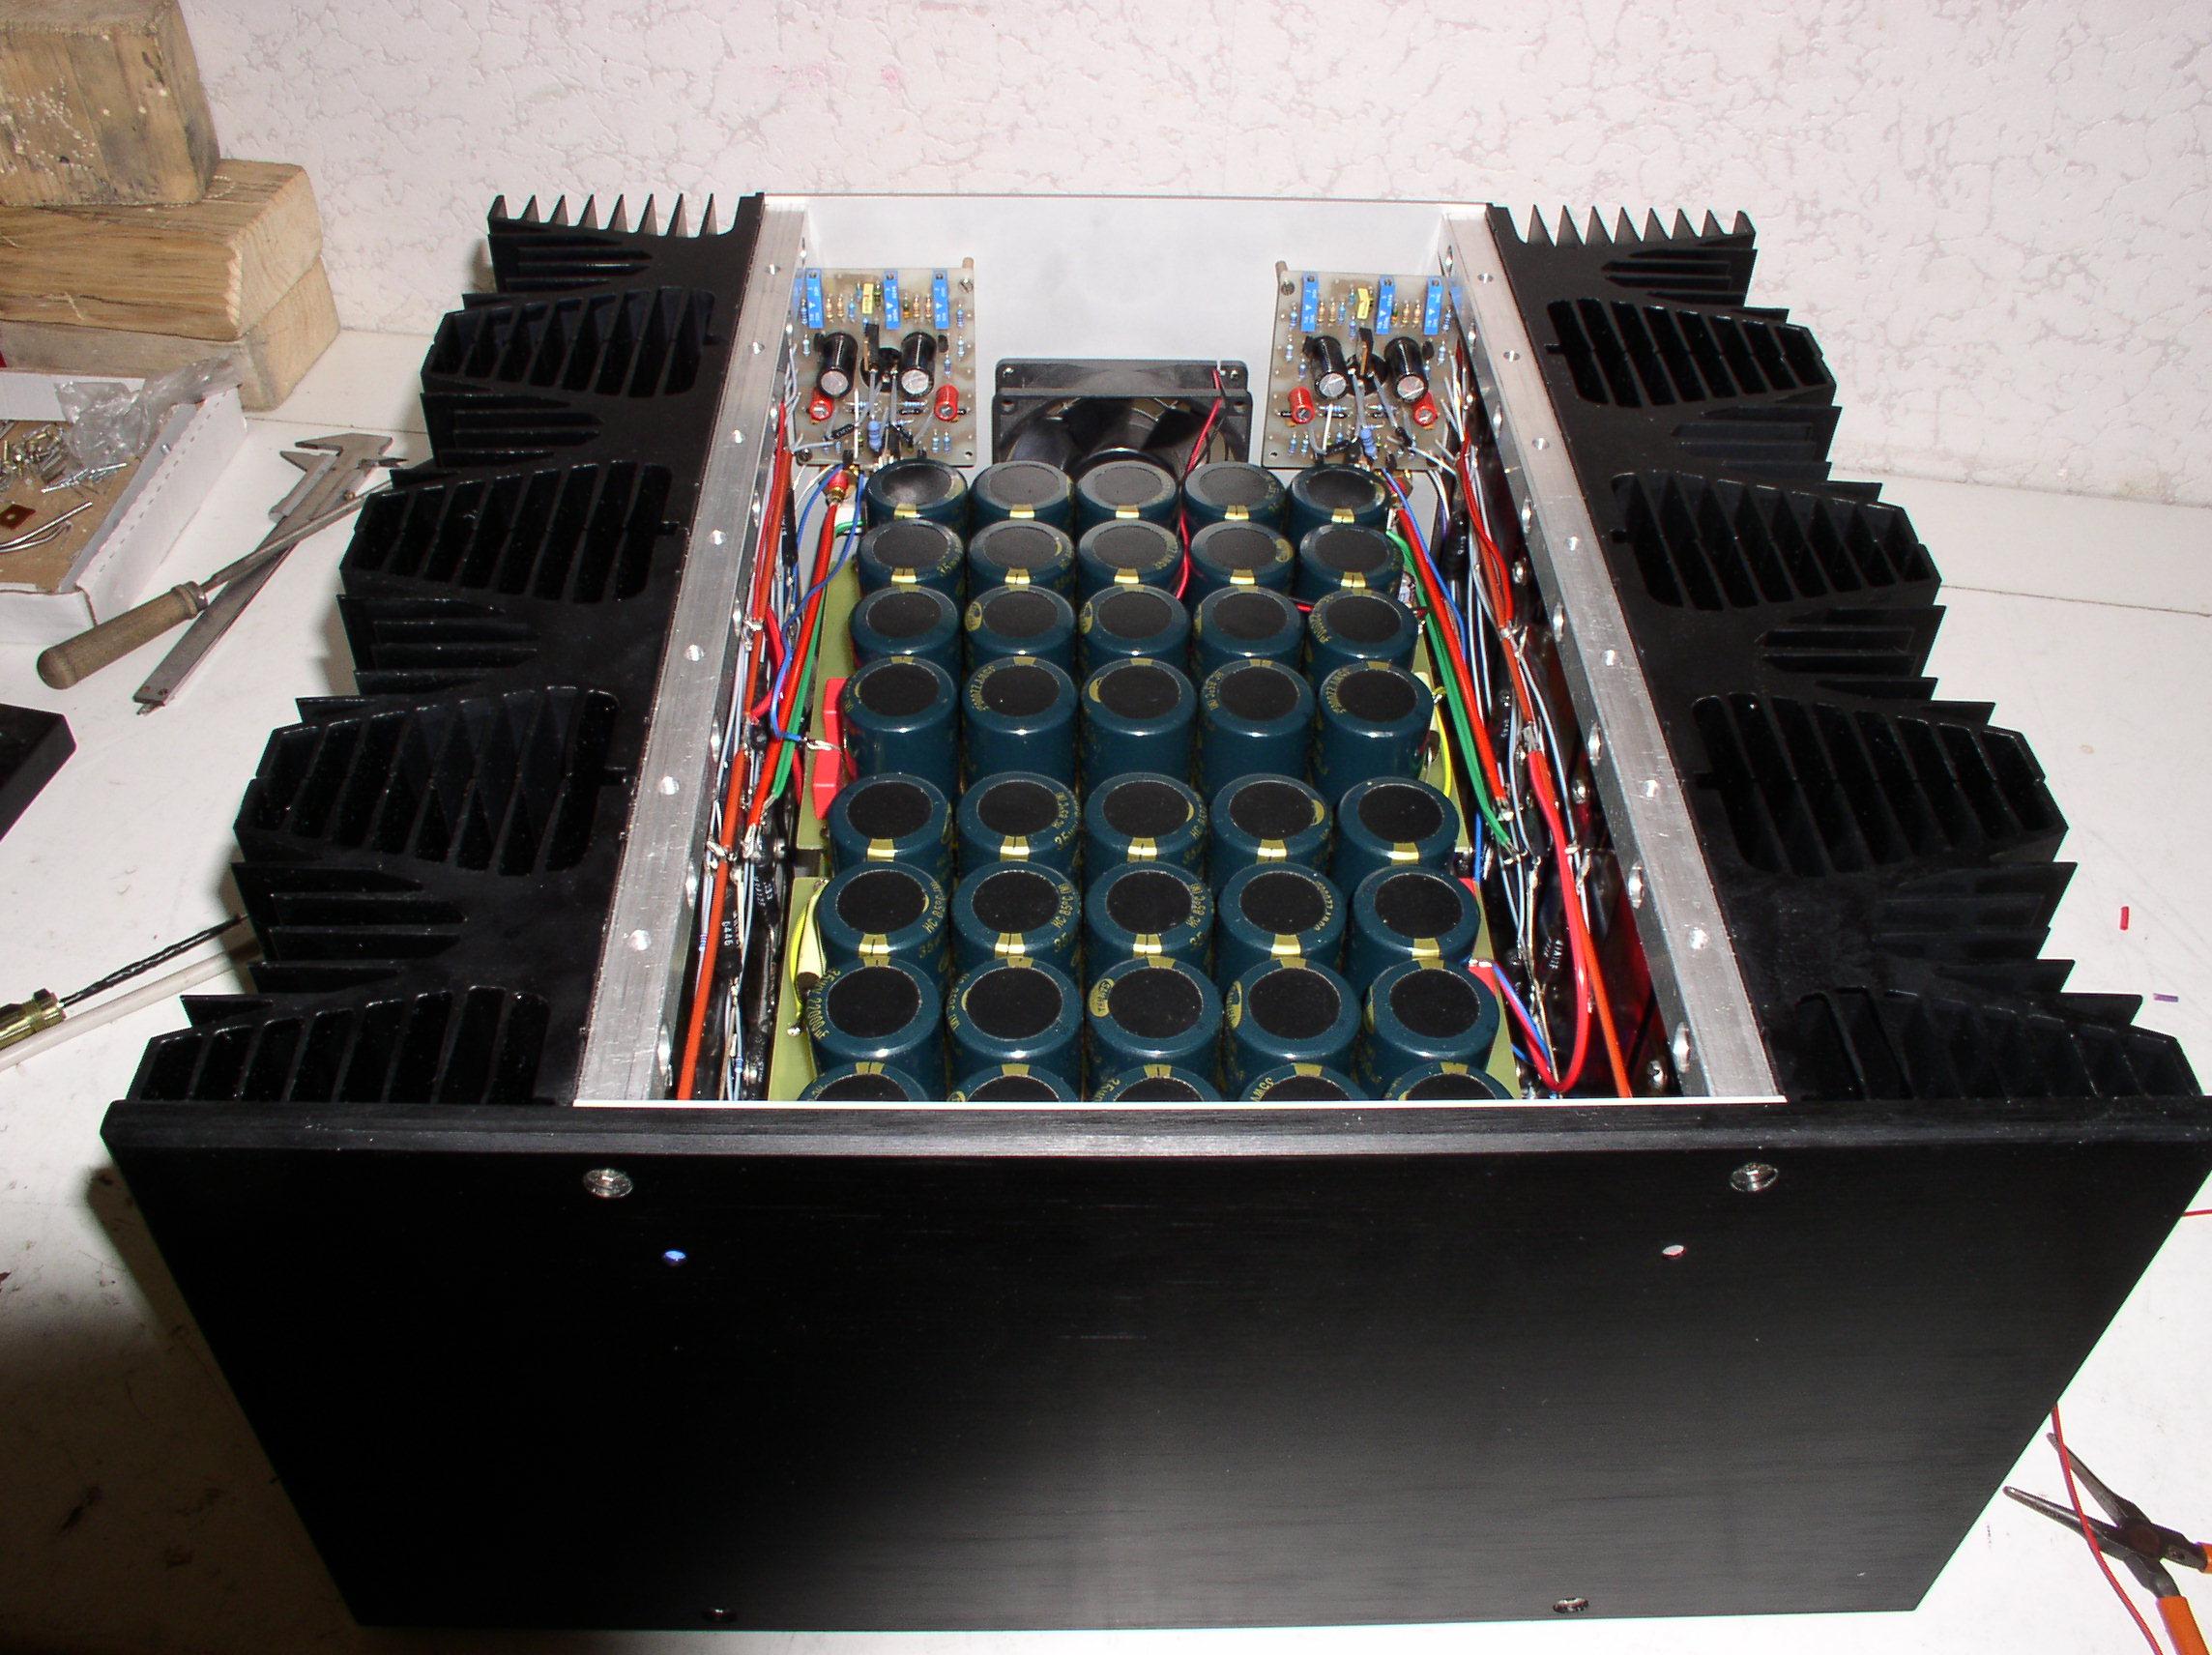 Wzmacniacz Mocy 4x750w 2ohm 6 Alephx 100w Amplifier Construction Notes